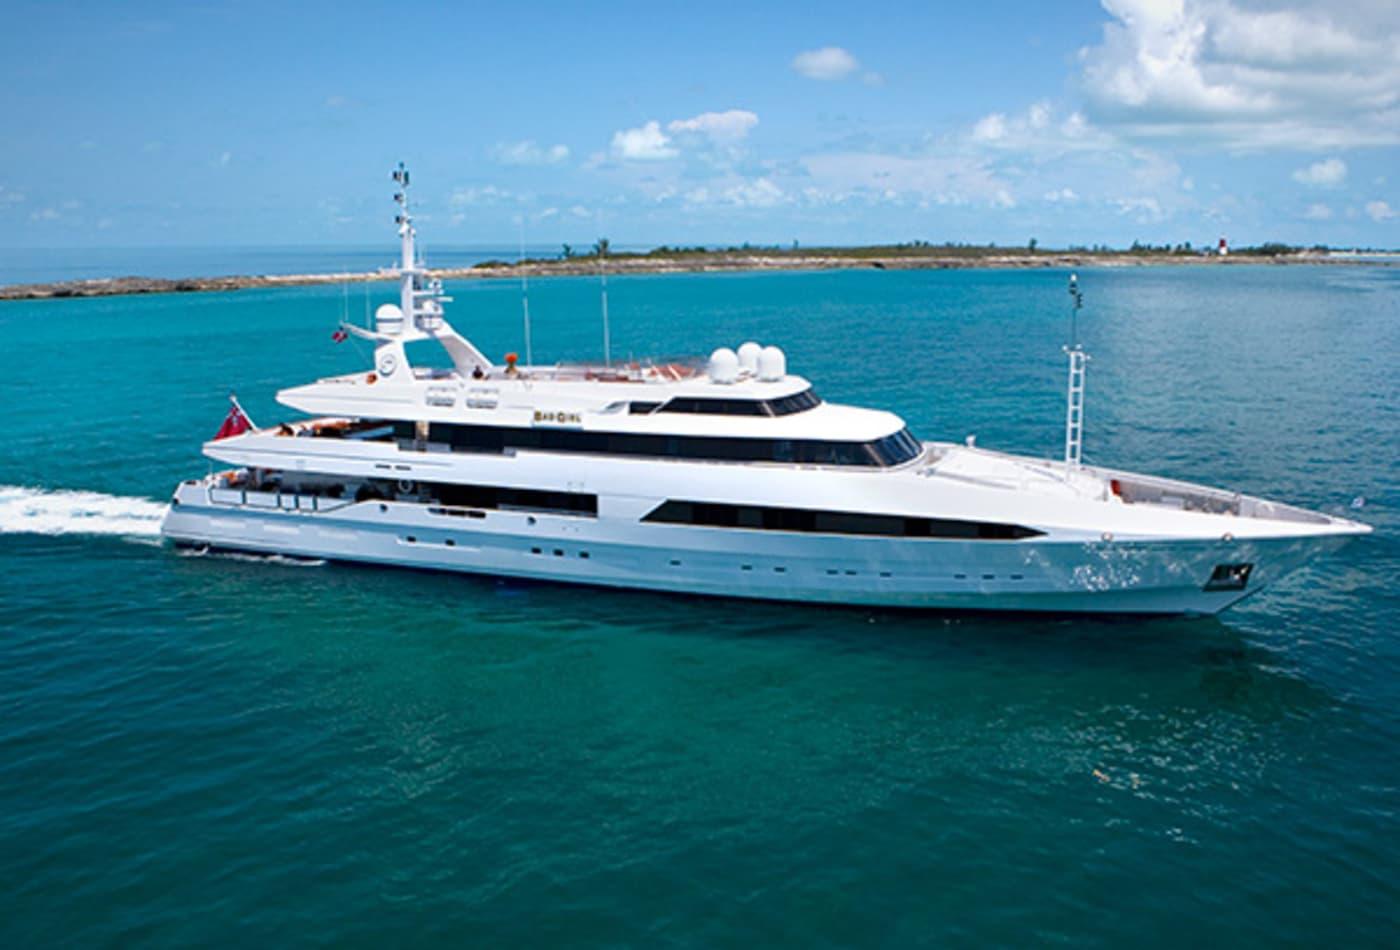 Yachts-at-a-discount-badgirl-exterior.jpg